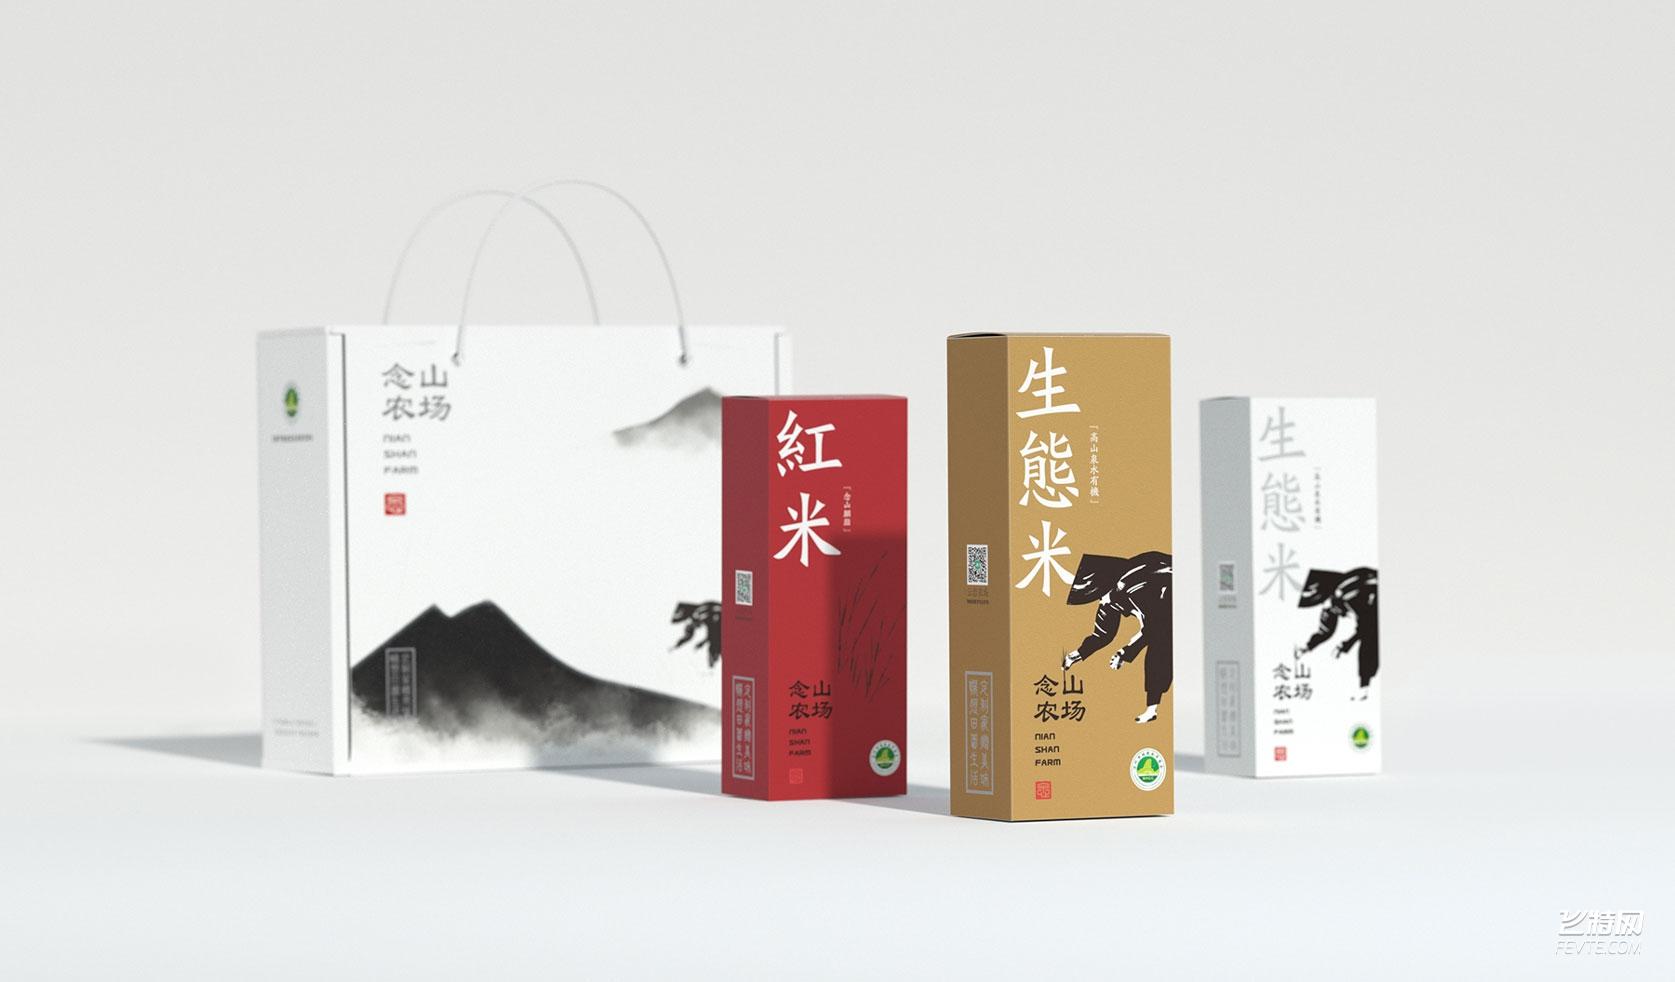 德信念山农场-生态米(图10)